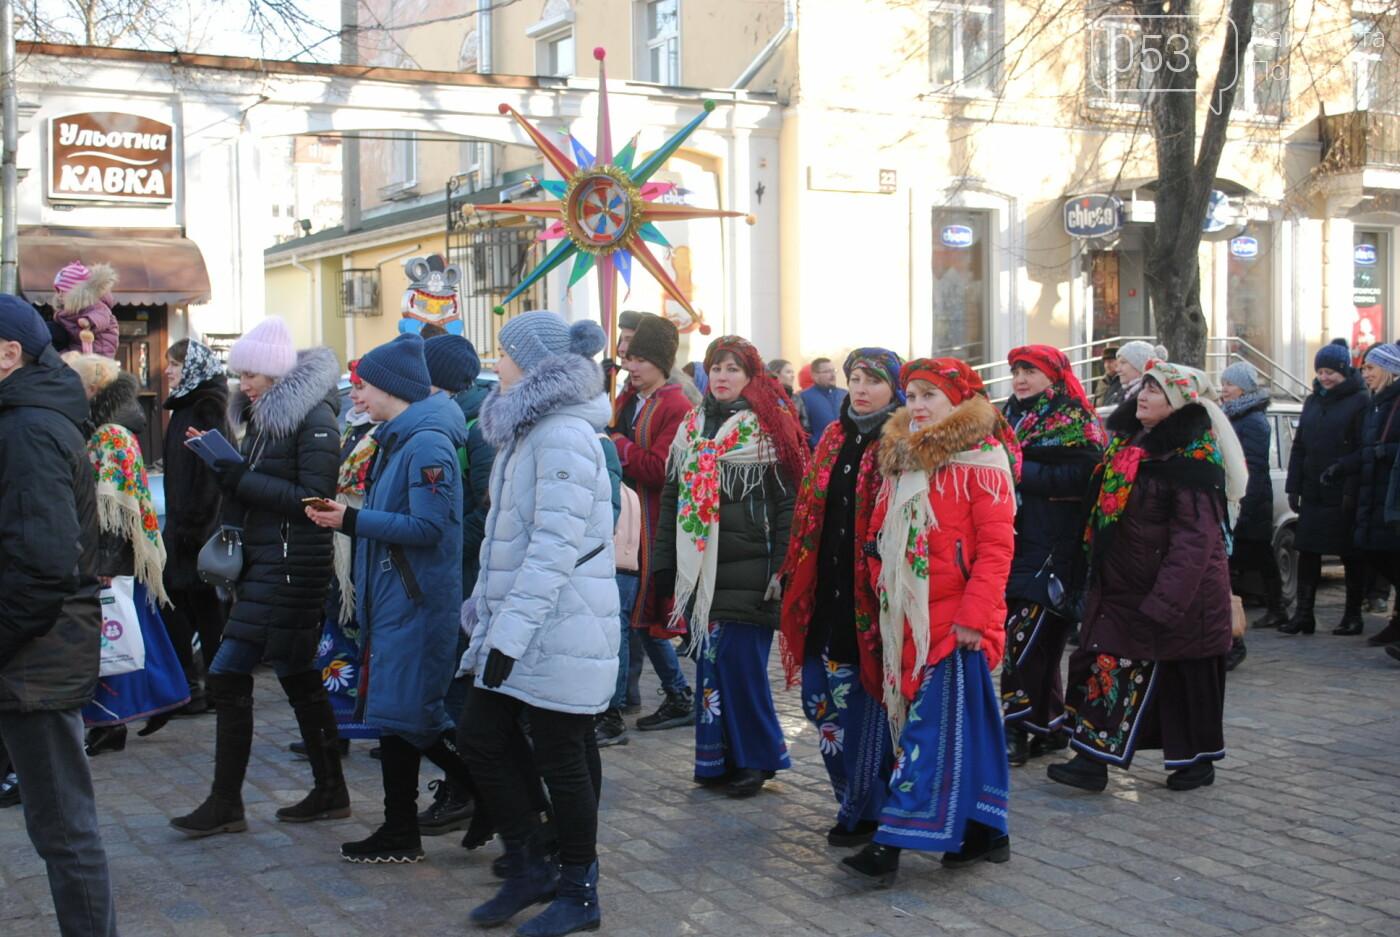 У Полтаві розгорнулося вертепне дійство з колядками та щедрівками «Різдвяна феєрія» (ФОТО), фото-1